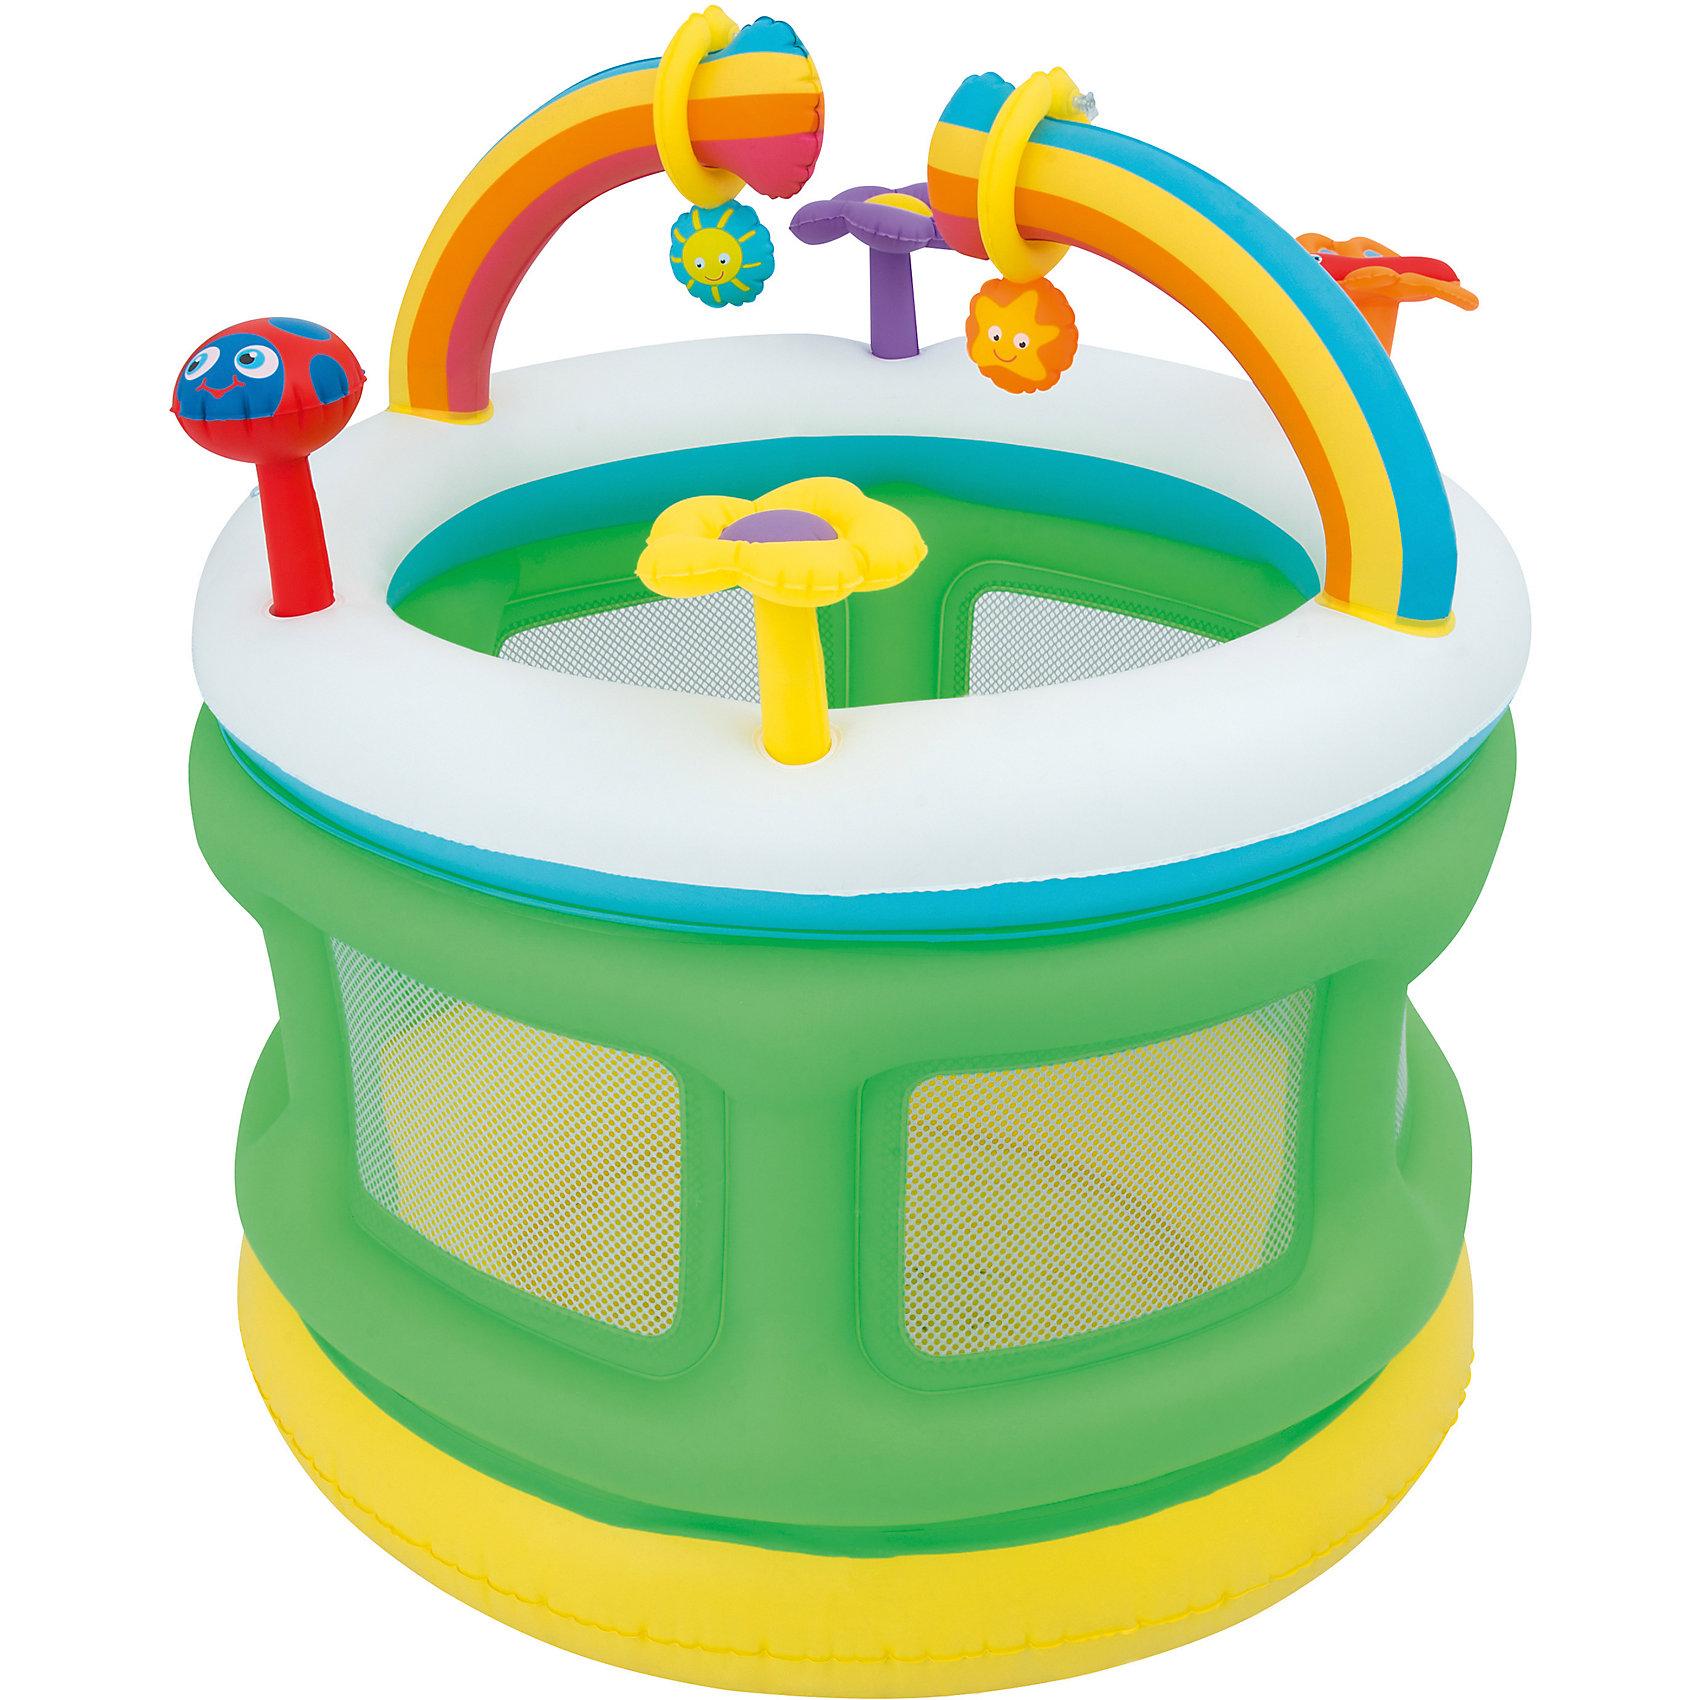 Надувной манеж, BestwayИгровые манежи<br>Надувной манеж, Bestway (Бествей)<br><br>Характеристики:<br><br>• мягкое дно и сетчатые стенки<br>• яркий дизайн<br>• 6 игрушек в комплекте<br>• высокие бортики<br>• размер: 109х104 см<br>• материал: ПВХ<br>• размер упаковки: 9х35х33 см<br>• вес: 2,7 кг<br><br>Надувной манеж Bestway отлично подойдет для игр малышей. Для комфорта и безопасности крохи предусмотрены сетчатые стенки и мягкое дно. В комплект входят 6 ярких игрушек, которые обязательно вызовут интерес у ребенка. Высокие бортики предотвратят падения и ушибы. <br><br>Надувной манеж, Bestway (Бествей) можно купить в нашем интернет-магазине.<br><br>Ширина мм: 385<br>Глубина мм: 350<br>Высота мм: 370<br>Вес г: 2712<br>Возраст от месяцев: 12<br>Возраст до месяцев: 2147483647<br>Пол: Унисекс<br>Возраст: Детский<br>SKU: 5486910